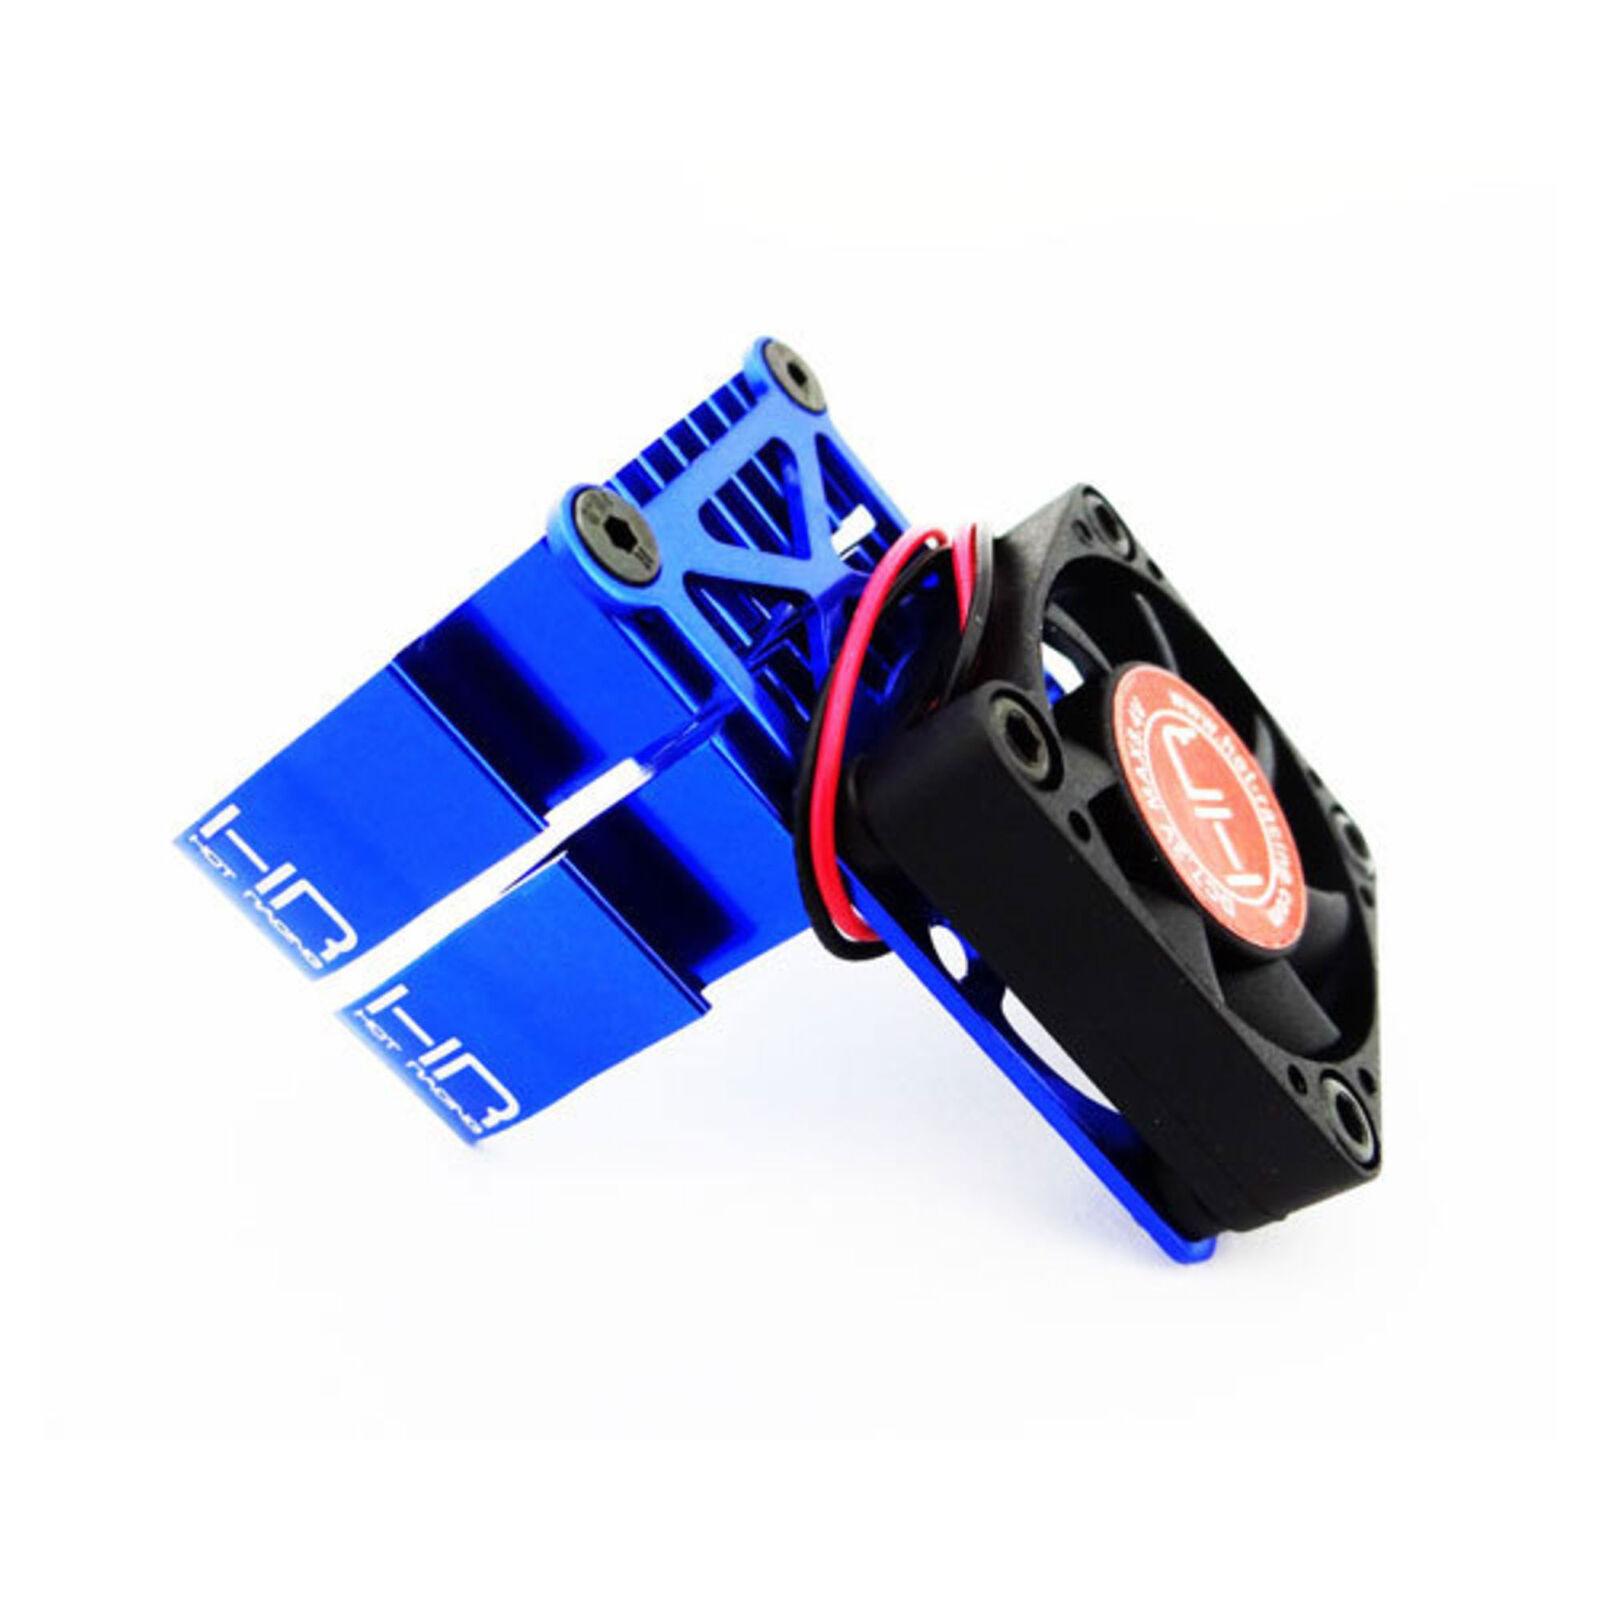 Clip-On Two-Piece Motor Heat Sink with Fan, Blue